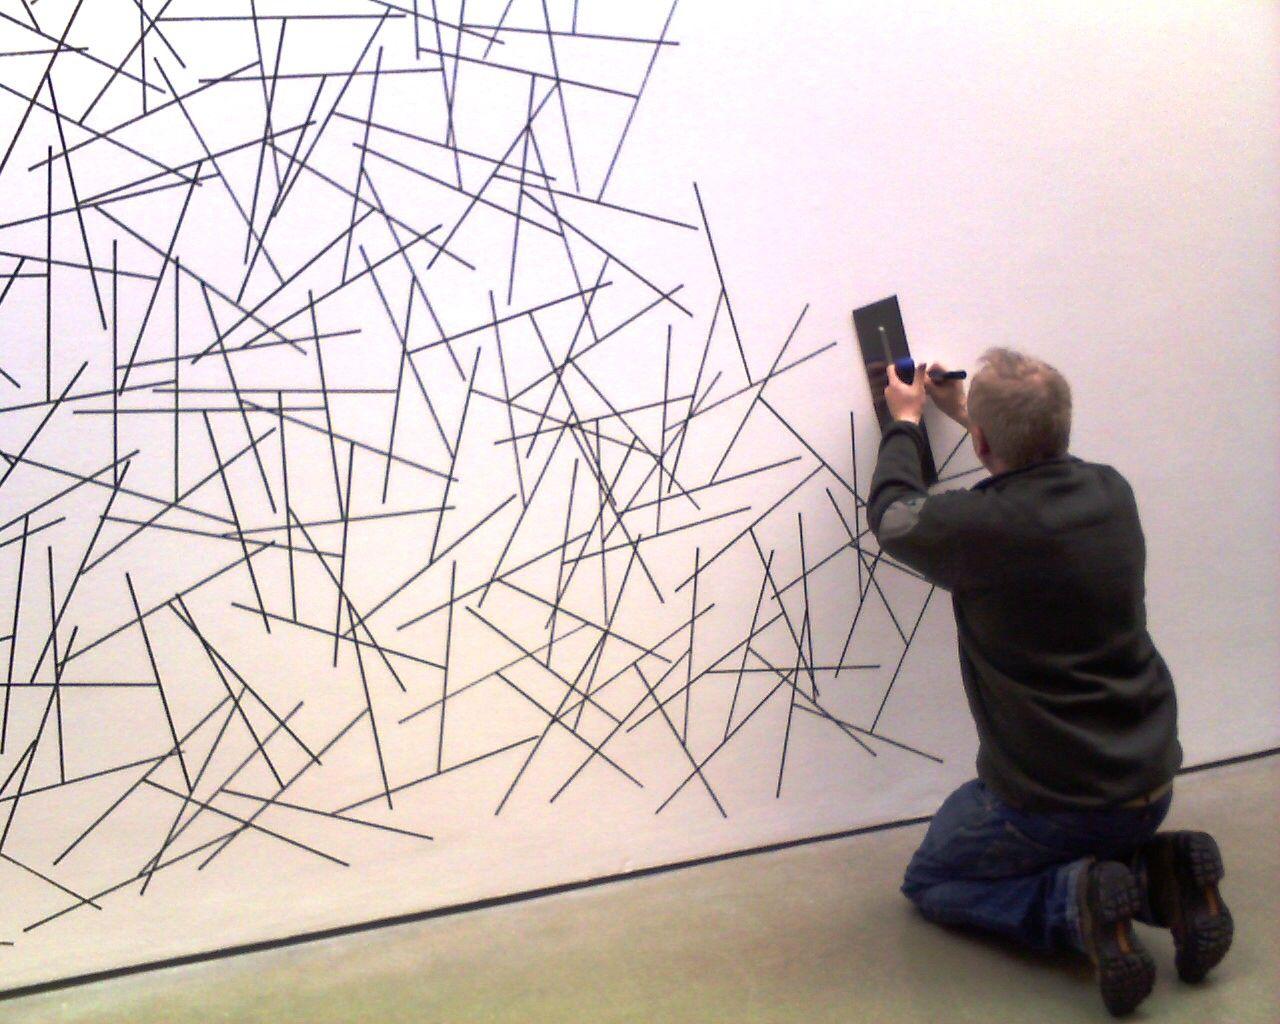 1280x1024 Sol Lewitt Wall Drawings